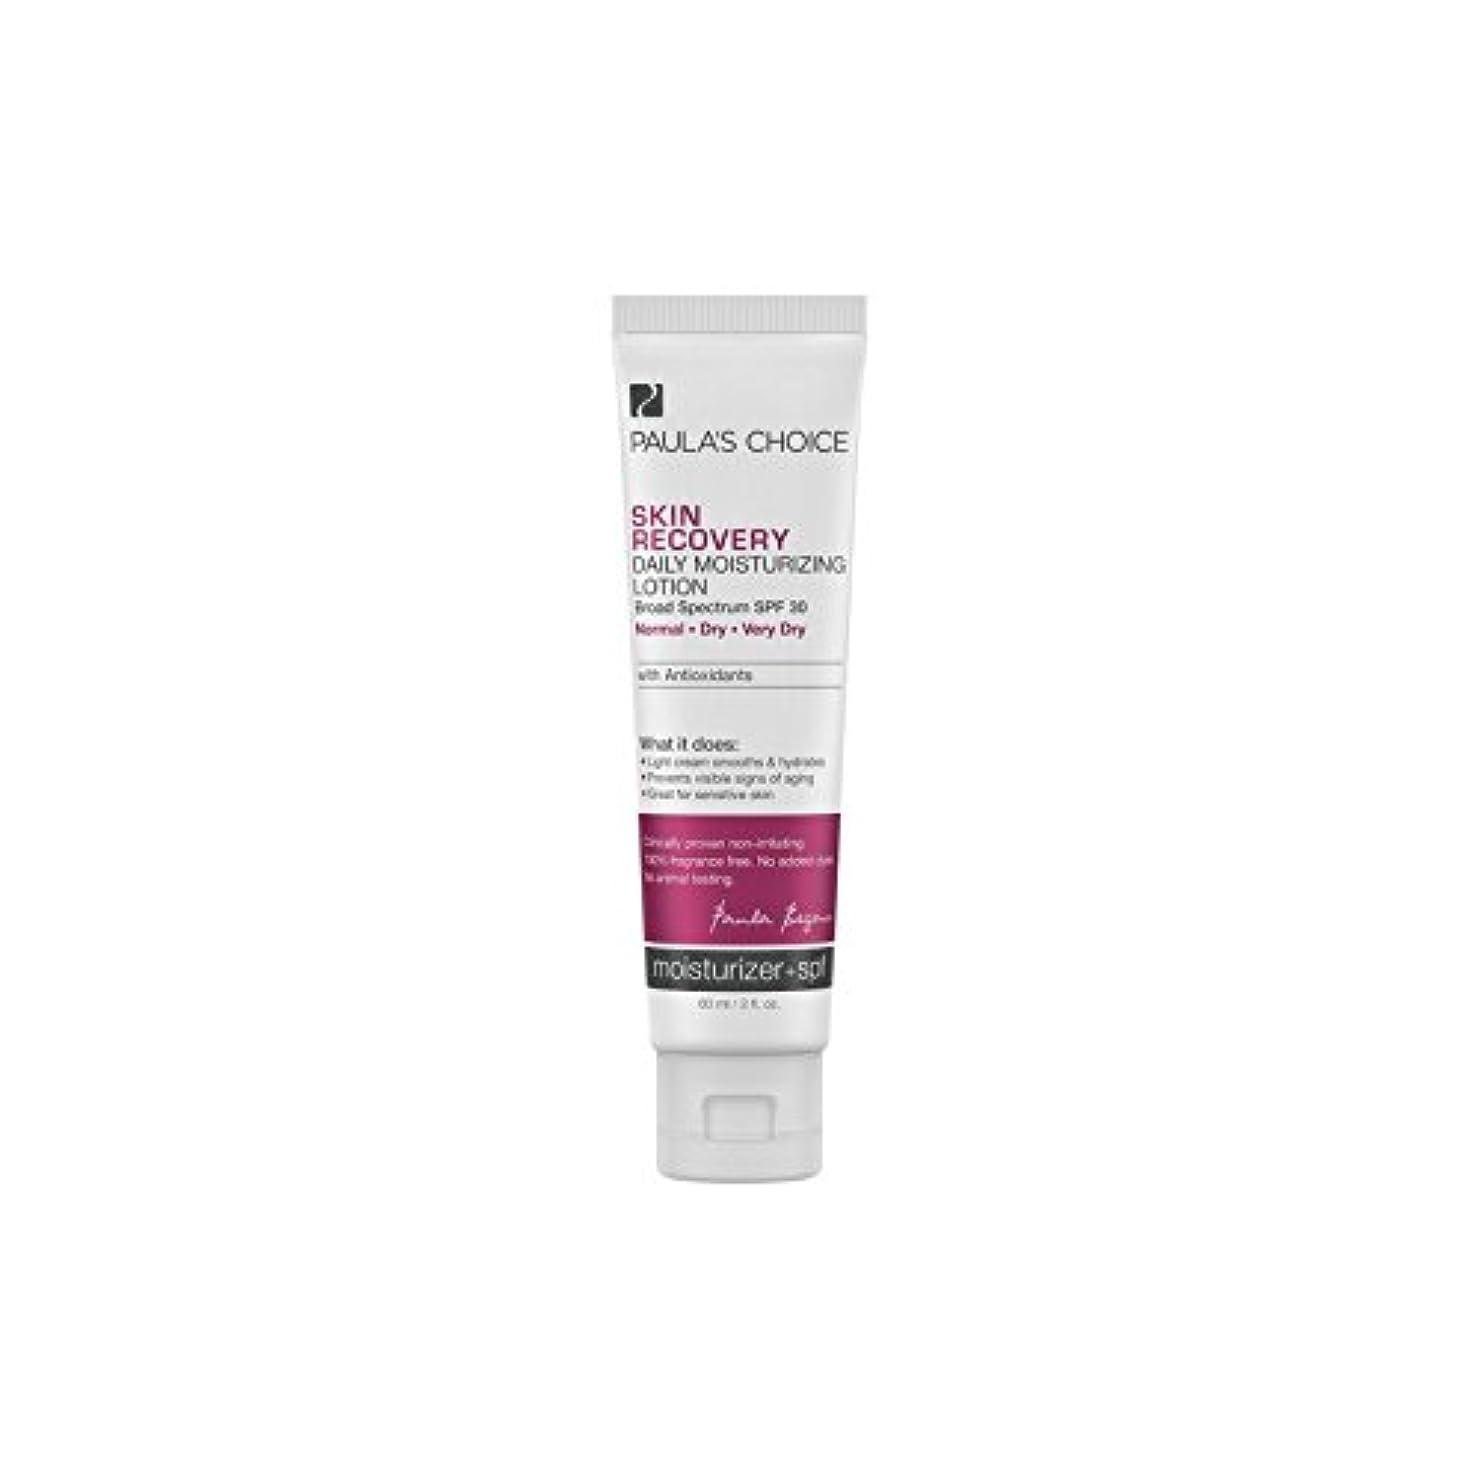 芸術召喚する買うPaula's Choice Skin Recovery Daily Moisturizing Lotion Spf30 (60ml) - ポーラチョイスの肌の回復毎日の保湿ローション30(60ミリリットル) [並行輸入品]